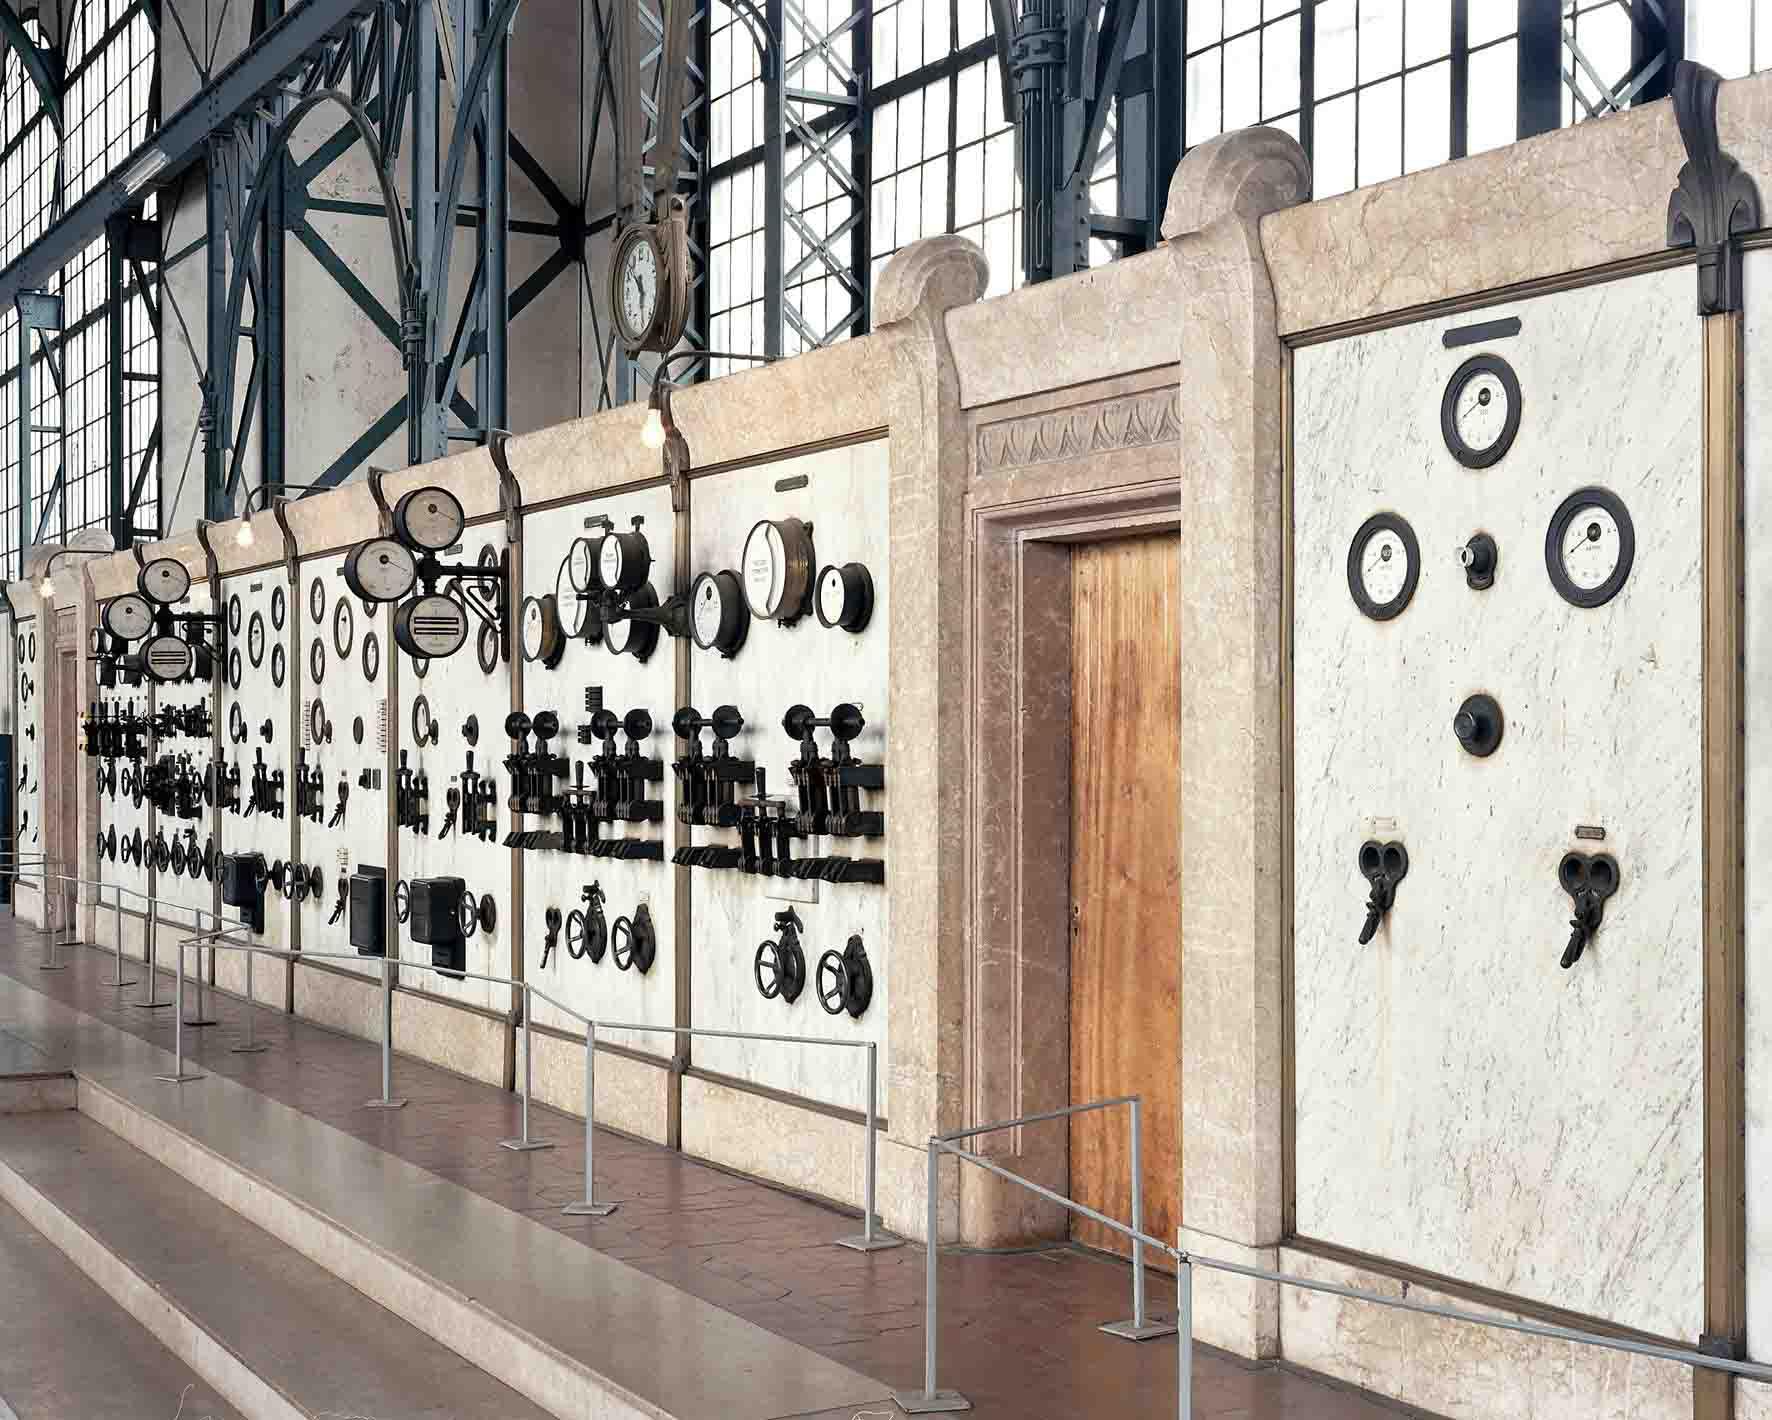 Technik mit Stil: Die marmorne Schalttafel in der Maschinenhalle von Zollern. Foto: LWL